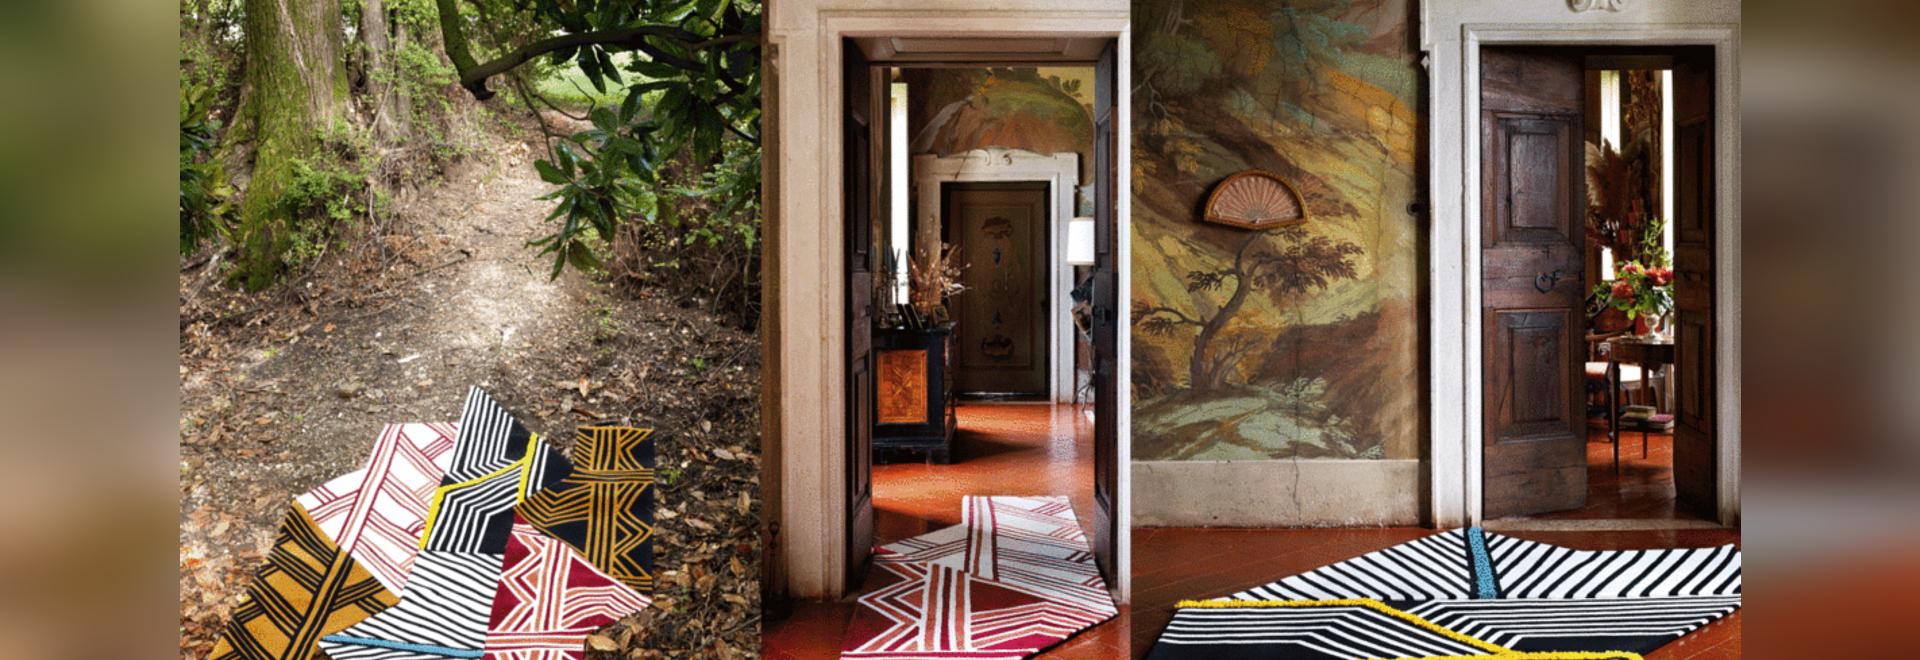 Colección de alfombras Siamo Tutti Uno